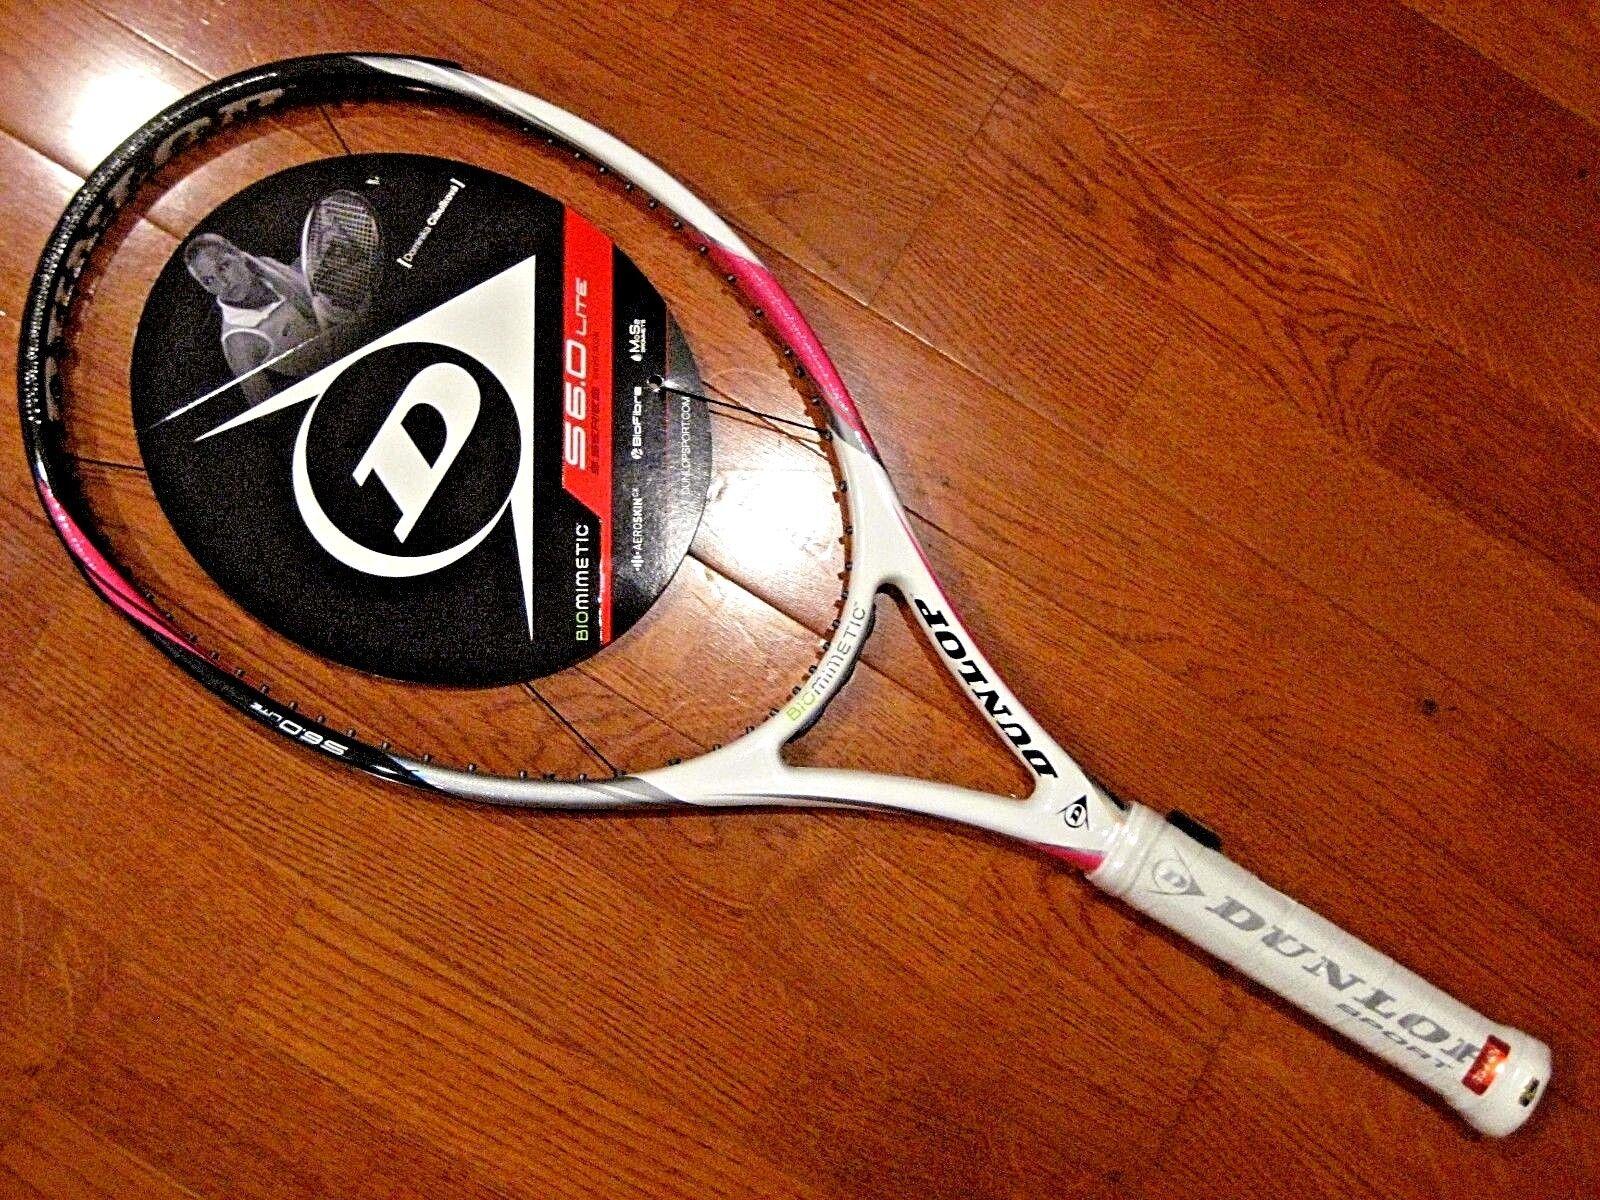 Dunlop Biomimetic S6.0 Lite rosa Tennis Racquet - (Brand Nuovo!) Nuovo!) Nuovo!) 3894e4